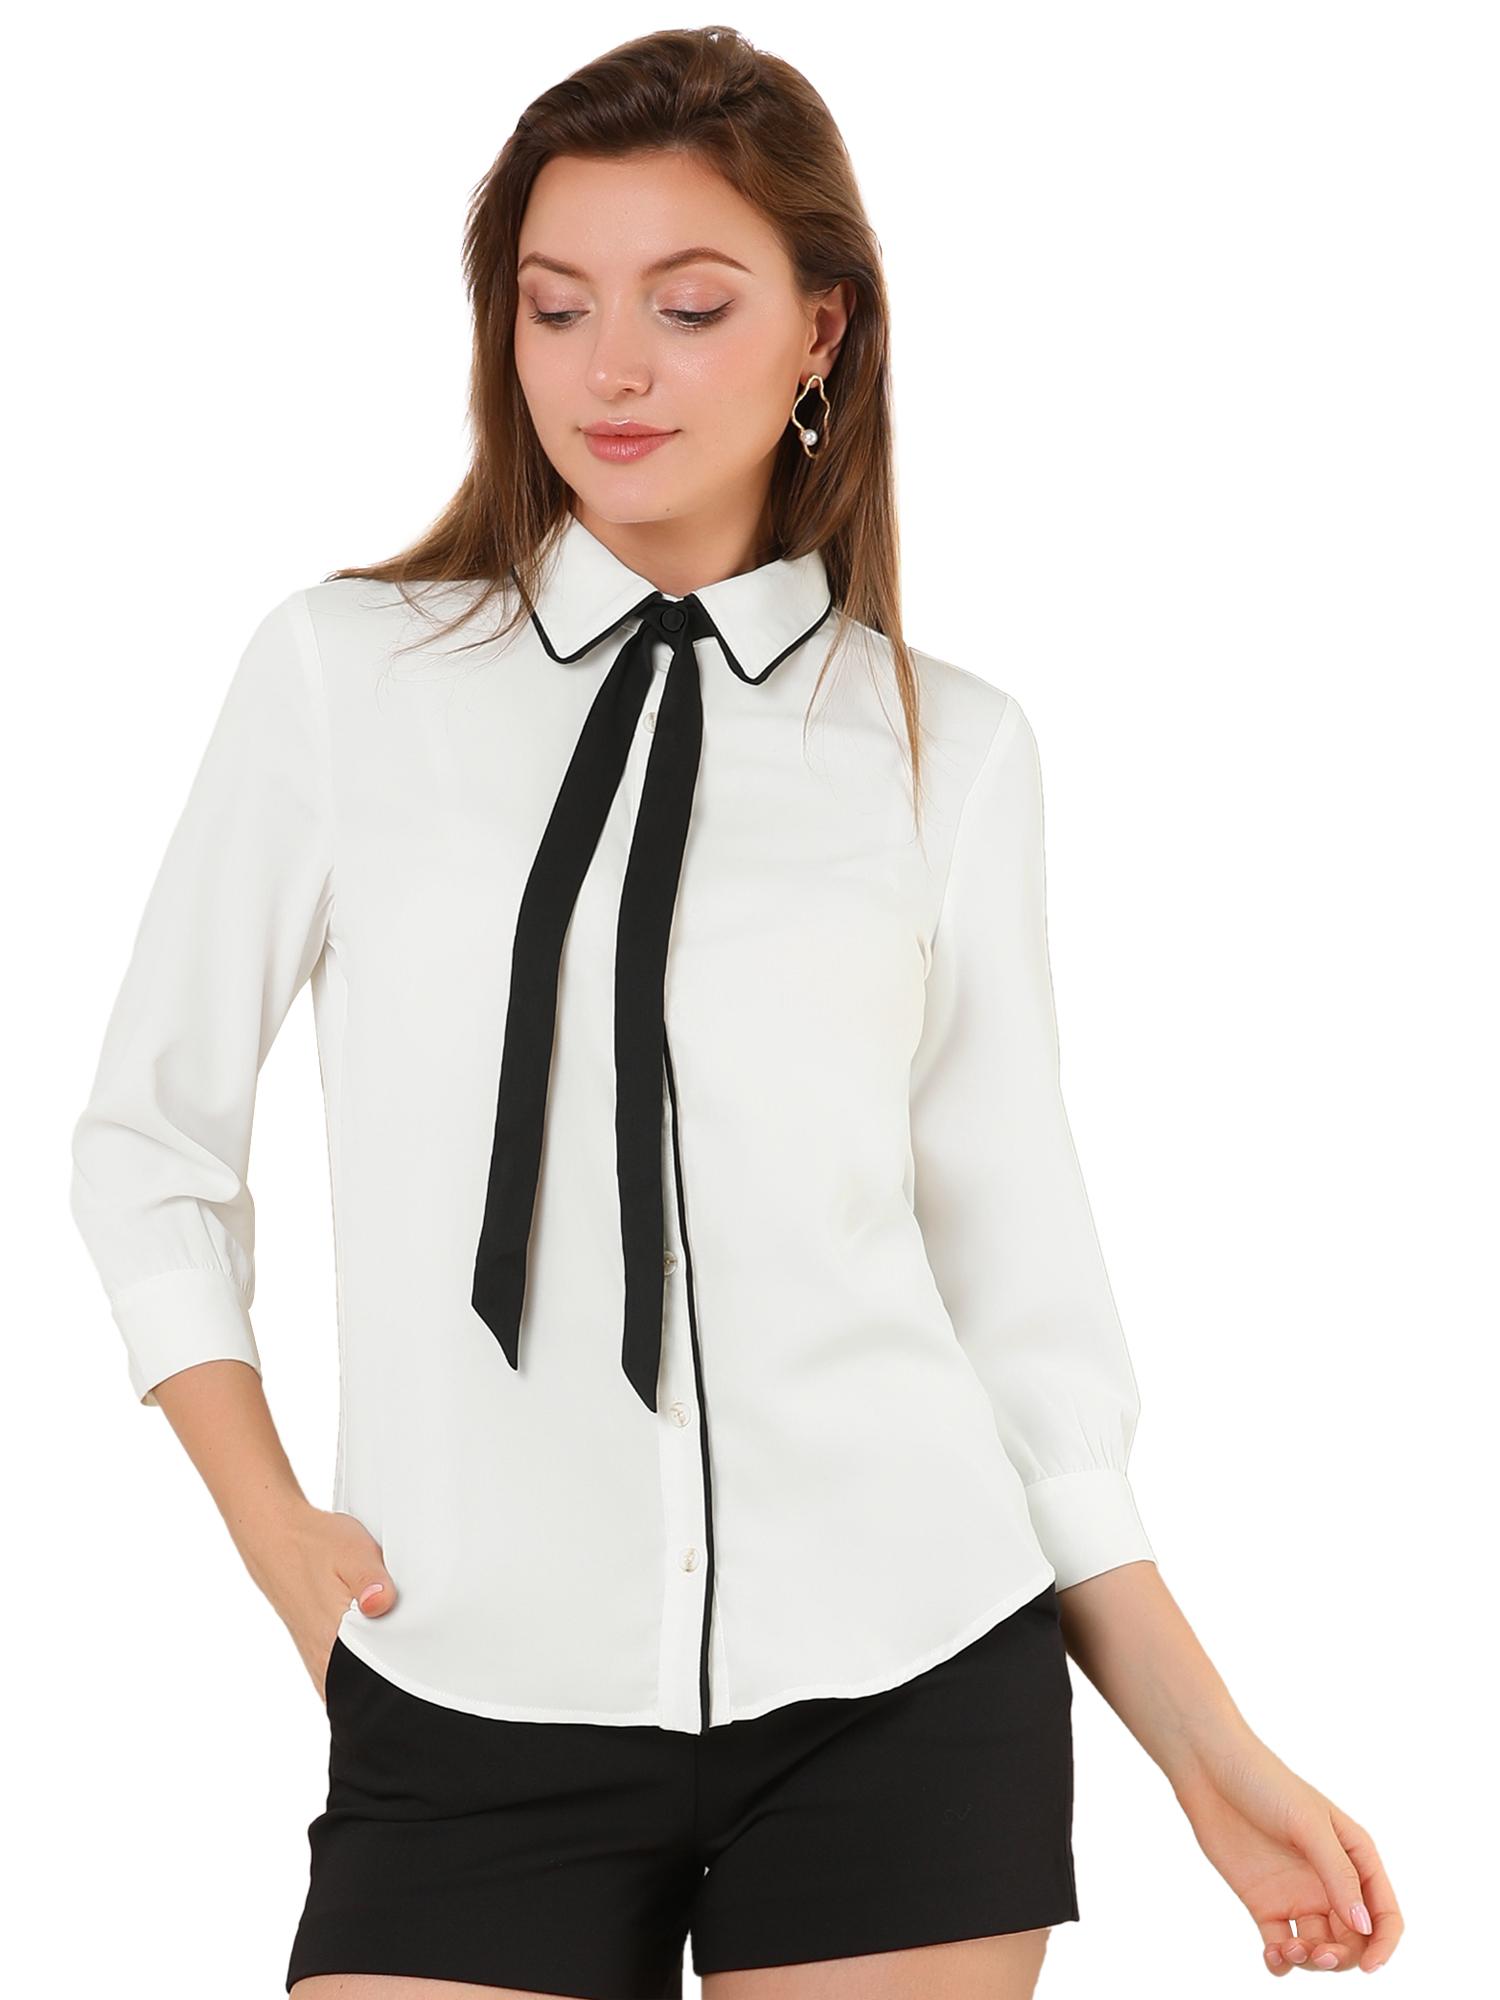 Allegra K Women's Work Elegant Tie Neck Blouse Button Up Shirt White L